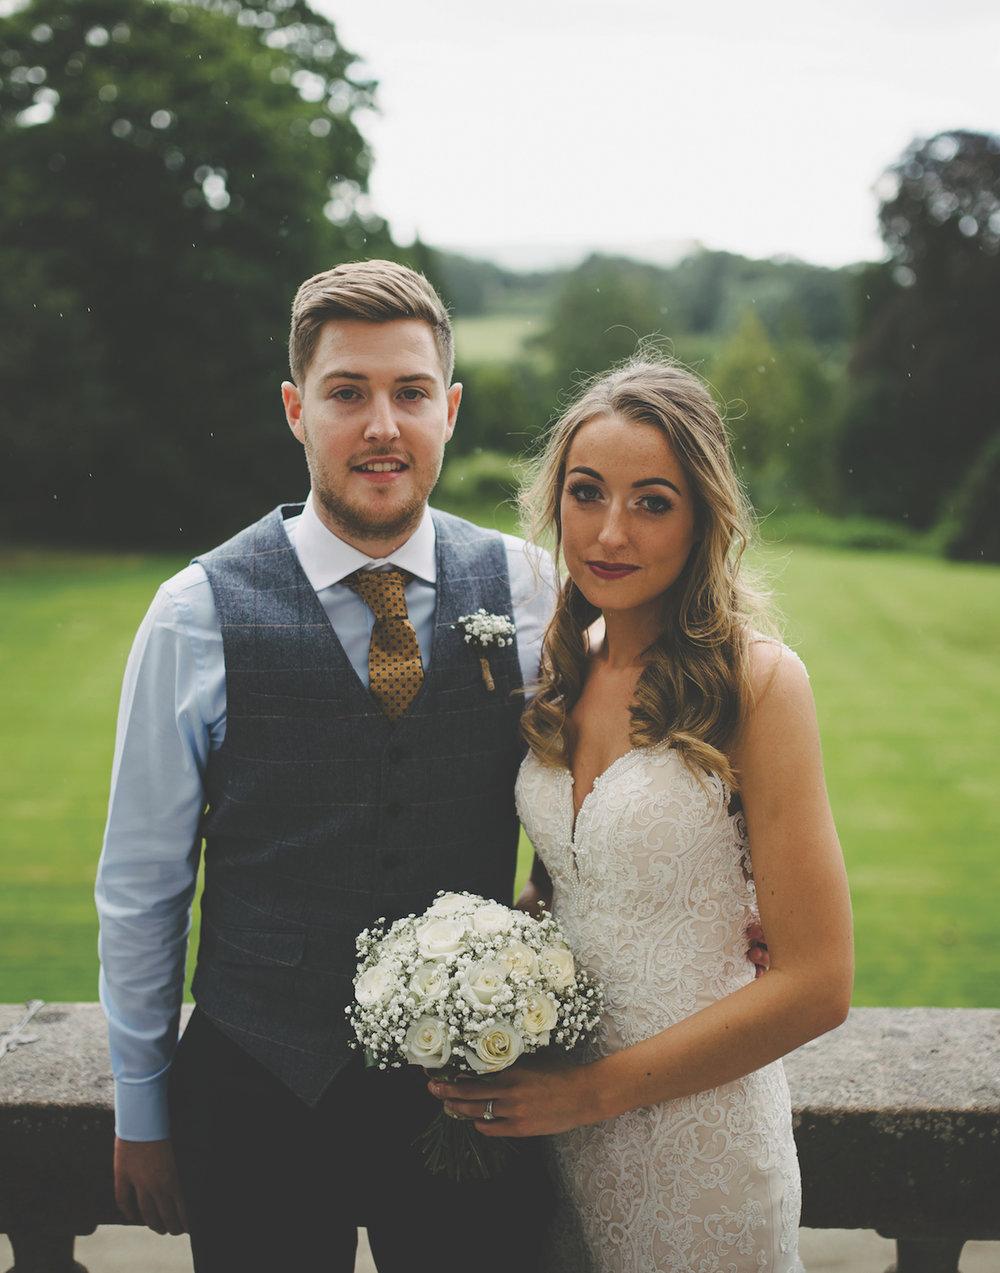 6. fiona_jamieson_wedding_photographer_northern_ireland_inspire_Weddings_2.jpeg